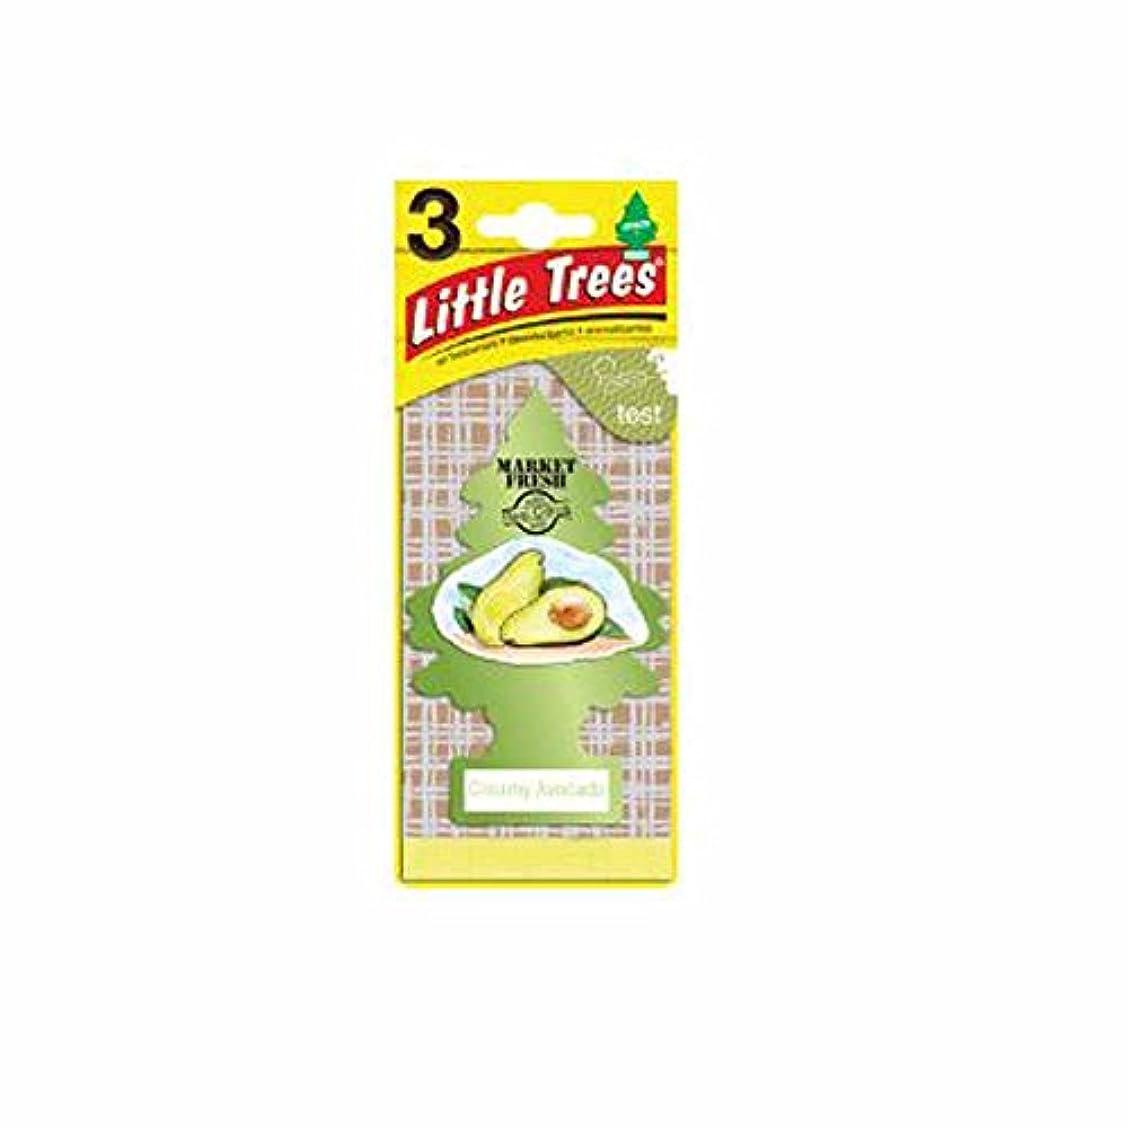 歪める競うメダルLittle Trees 吊下げタイプ エアーフレッシュナー creamy avocado(クリーミーアボカド) 3枚セット(3P) U3S-37340